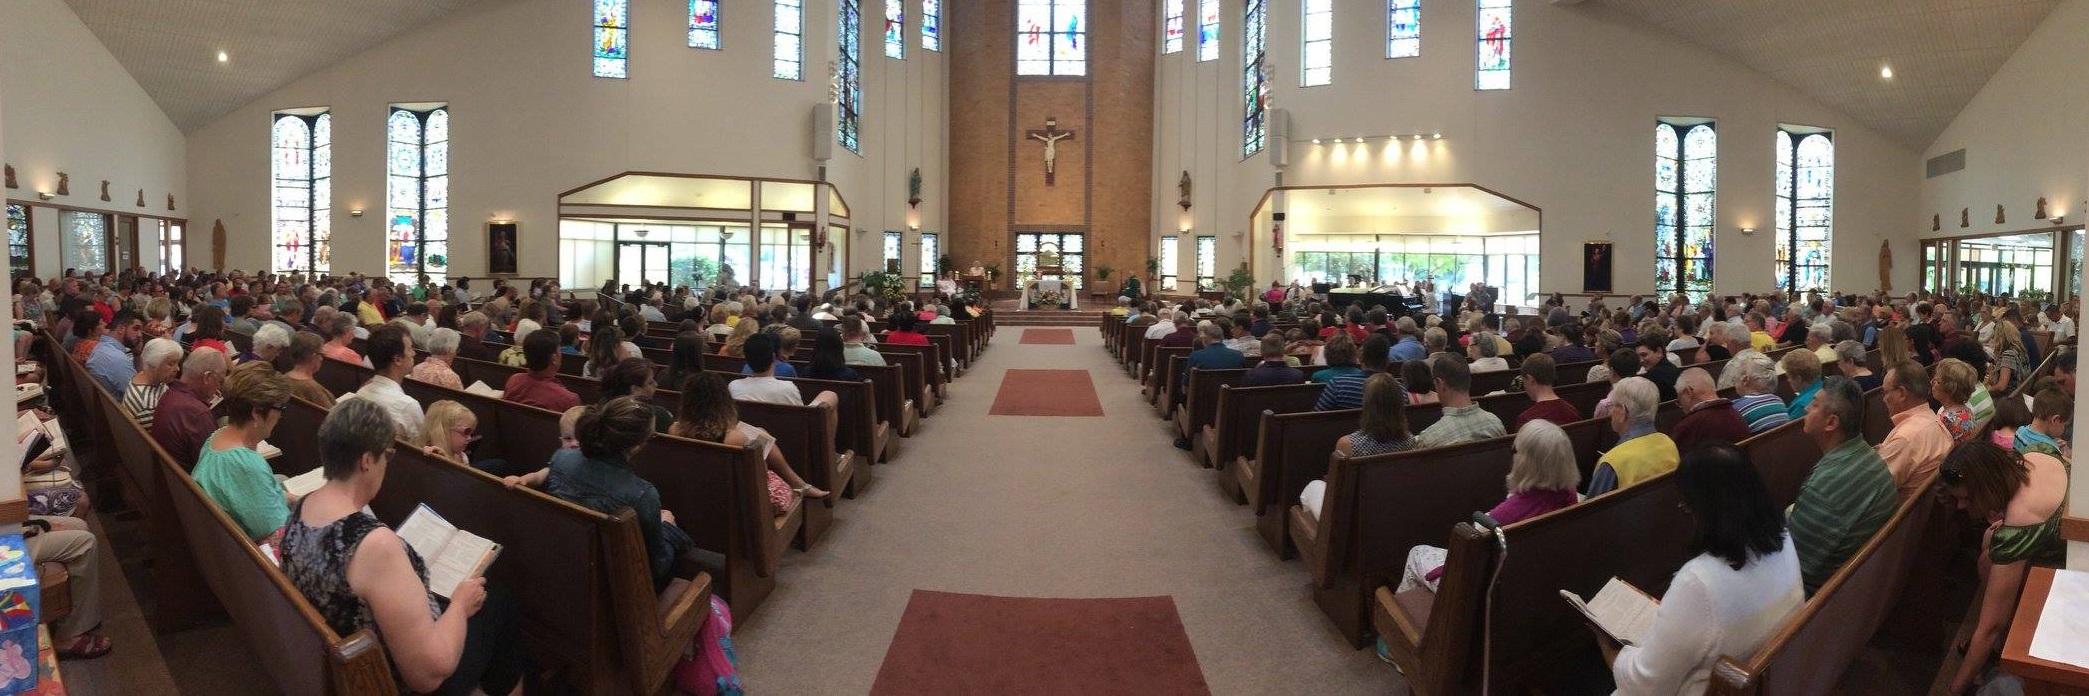 Saint Lucy Catholic Church | Faith in Action